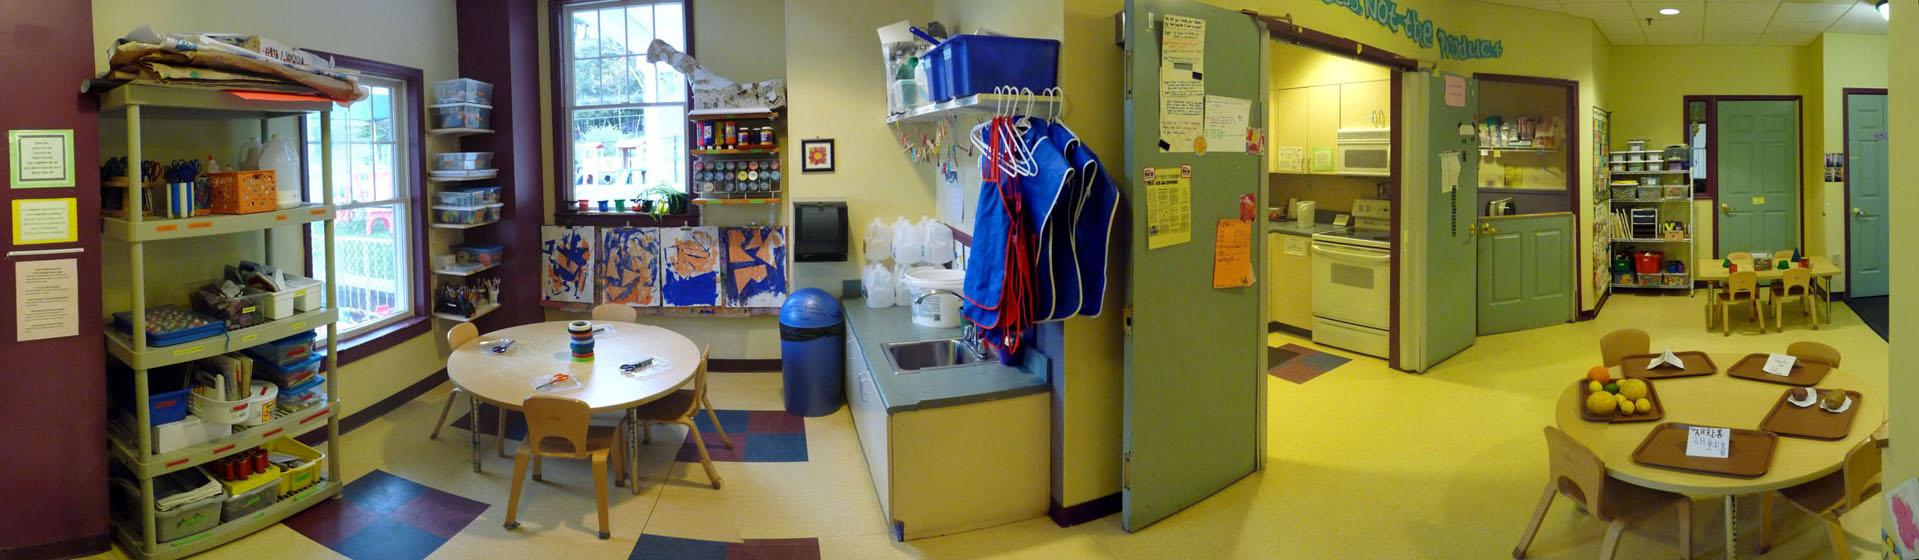 kitchen dining area photo - 1